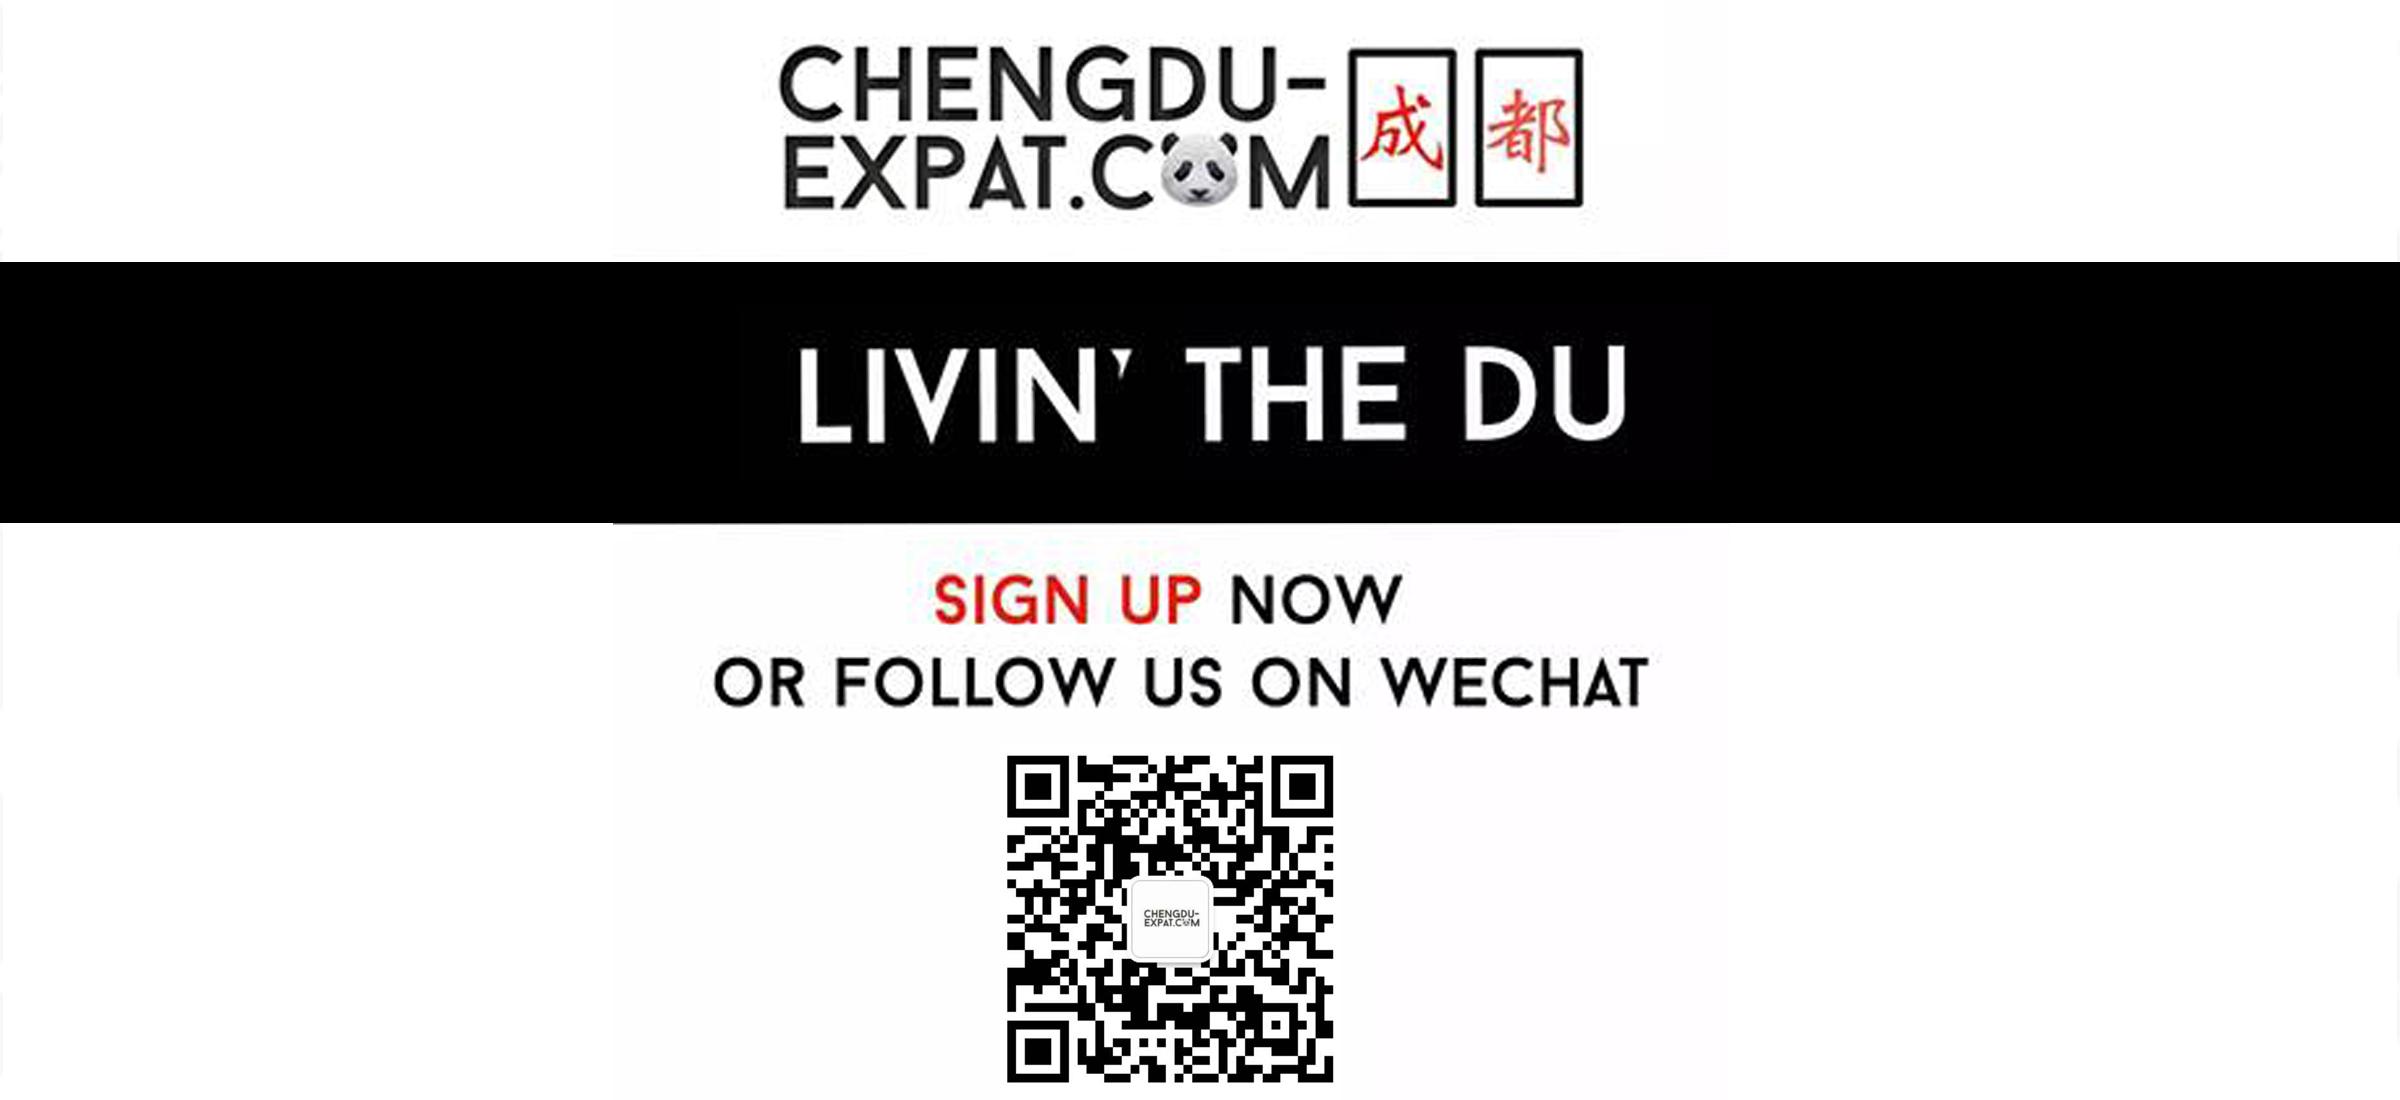 Chengdu's Best WeChat Groups - Chengdu Expat   Chengdu-Expat com